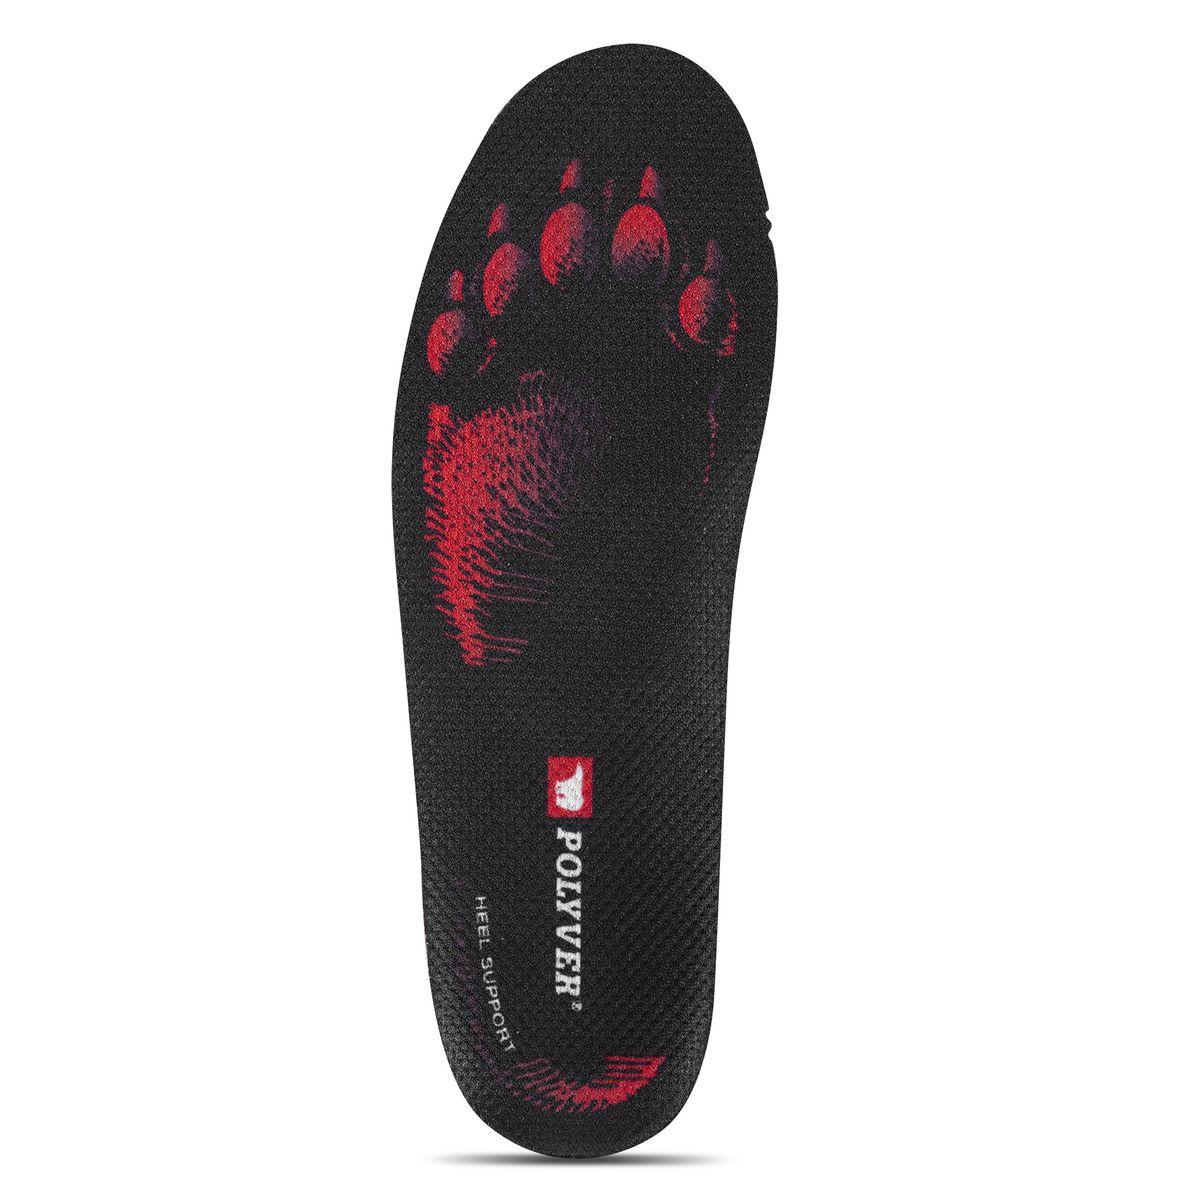 Стельки мужские POLYVER PREMIUM, цвет: красно-черный. Размер: 44-452420 зеленыйТермоизоляционные стельки Polyver отлично защищают ноги от холода при этом отводя лишнюю влагу. Стельки состоят из трех слоев: впитывающий влагу, амортизационный, термоизоляционный. Комфорт:- анатомическая форма с поддержкой пятки- стабилизация стопы для уменьшения боли с суставах- повышает устойчивость и уменьшает усталость - производятся только в Швеции